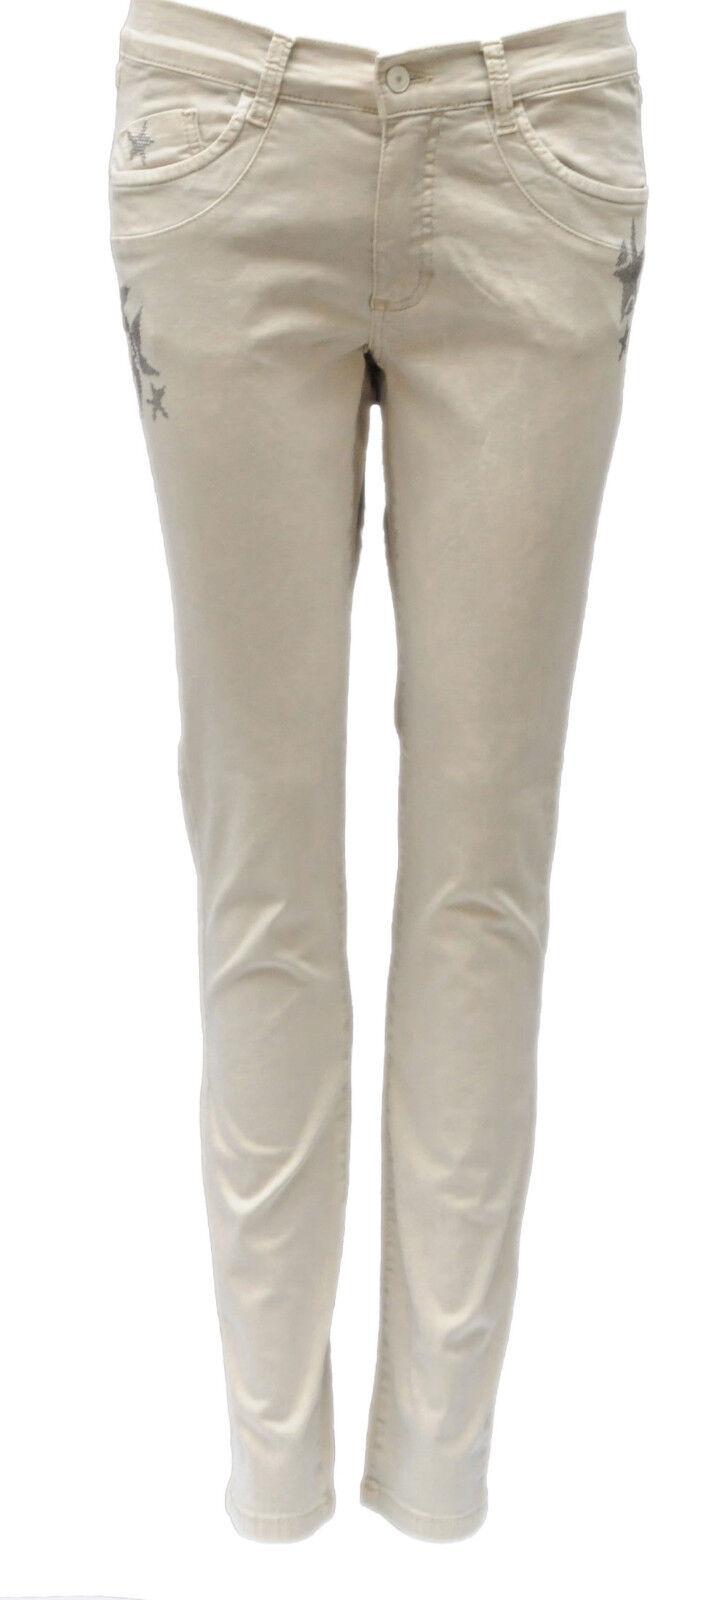 Angels Jeans, Patti, Star, Art.106 in 2 Farben